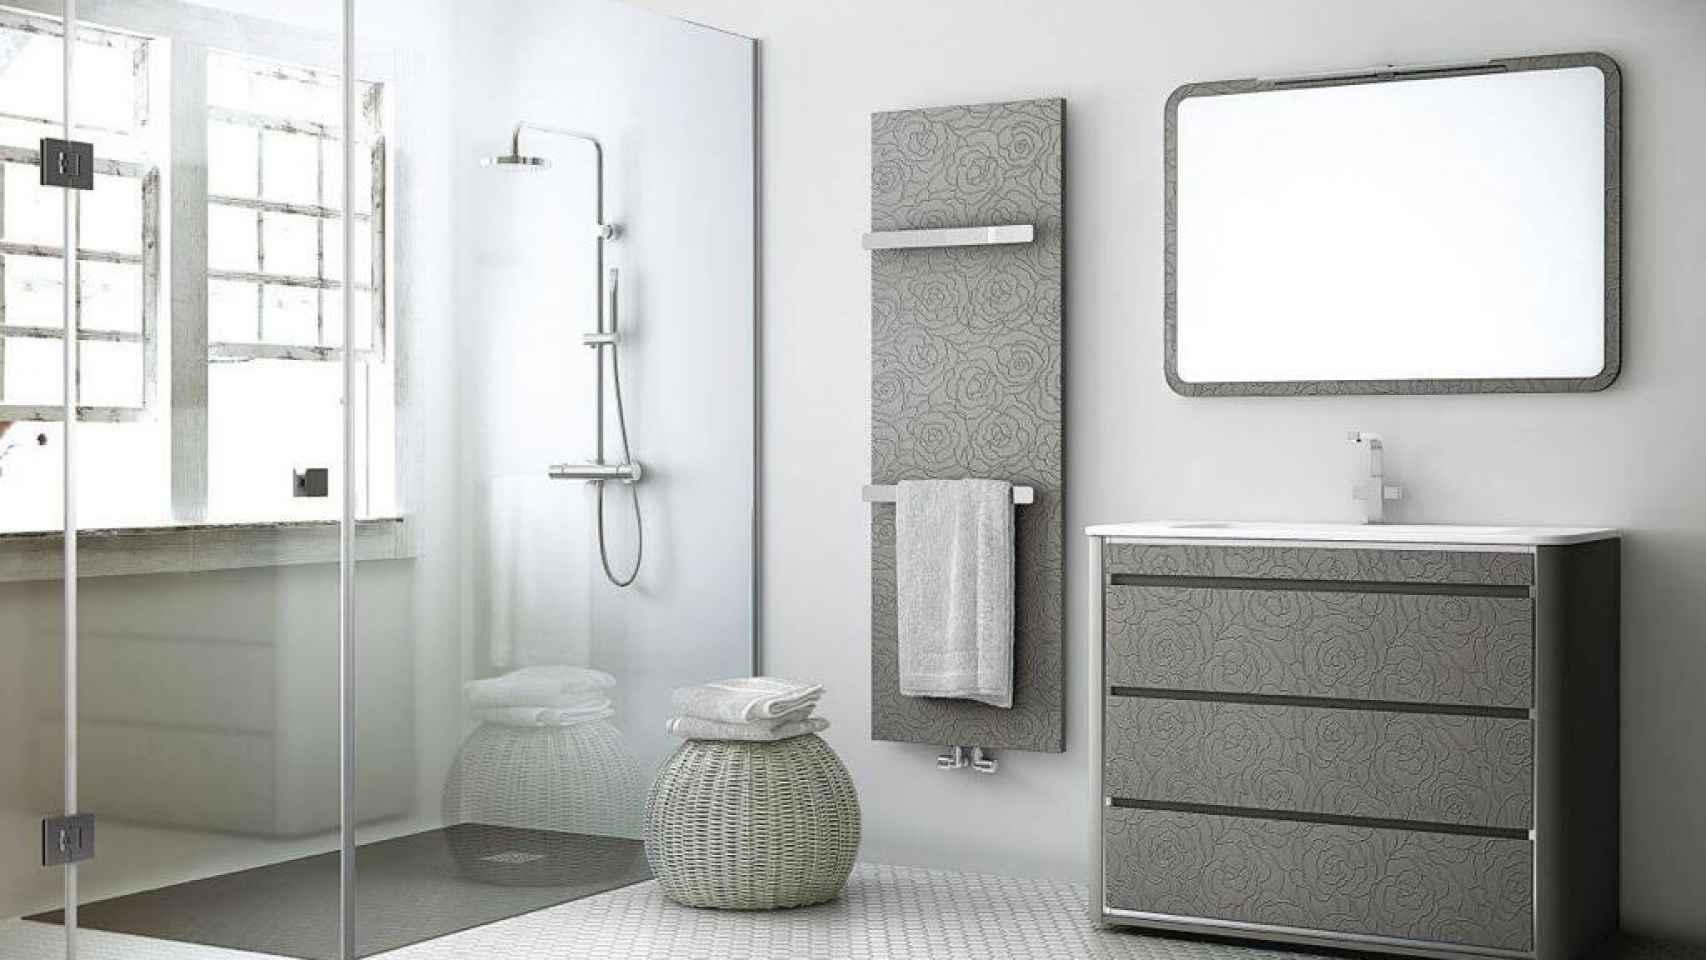 Muebles de baño del grupo RGIB. EE